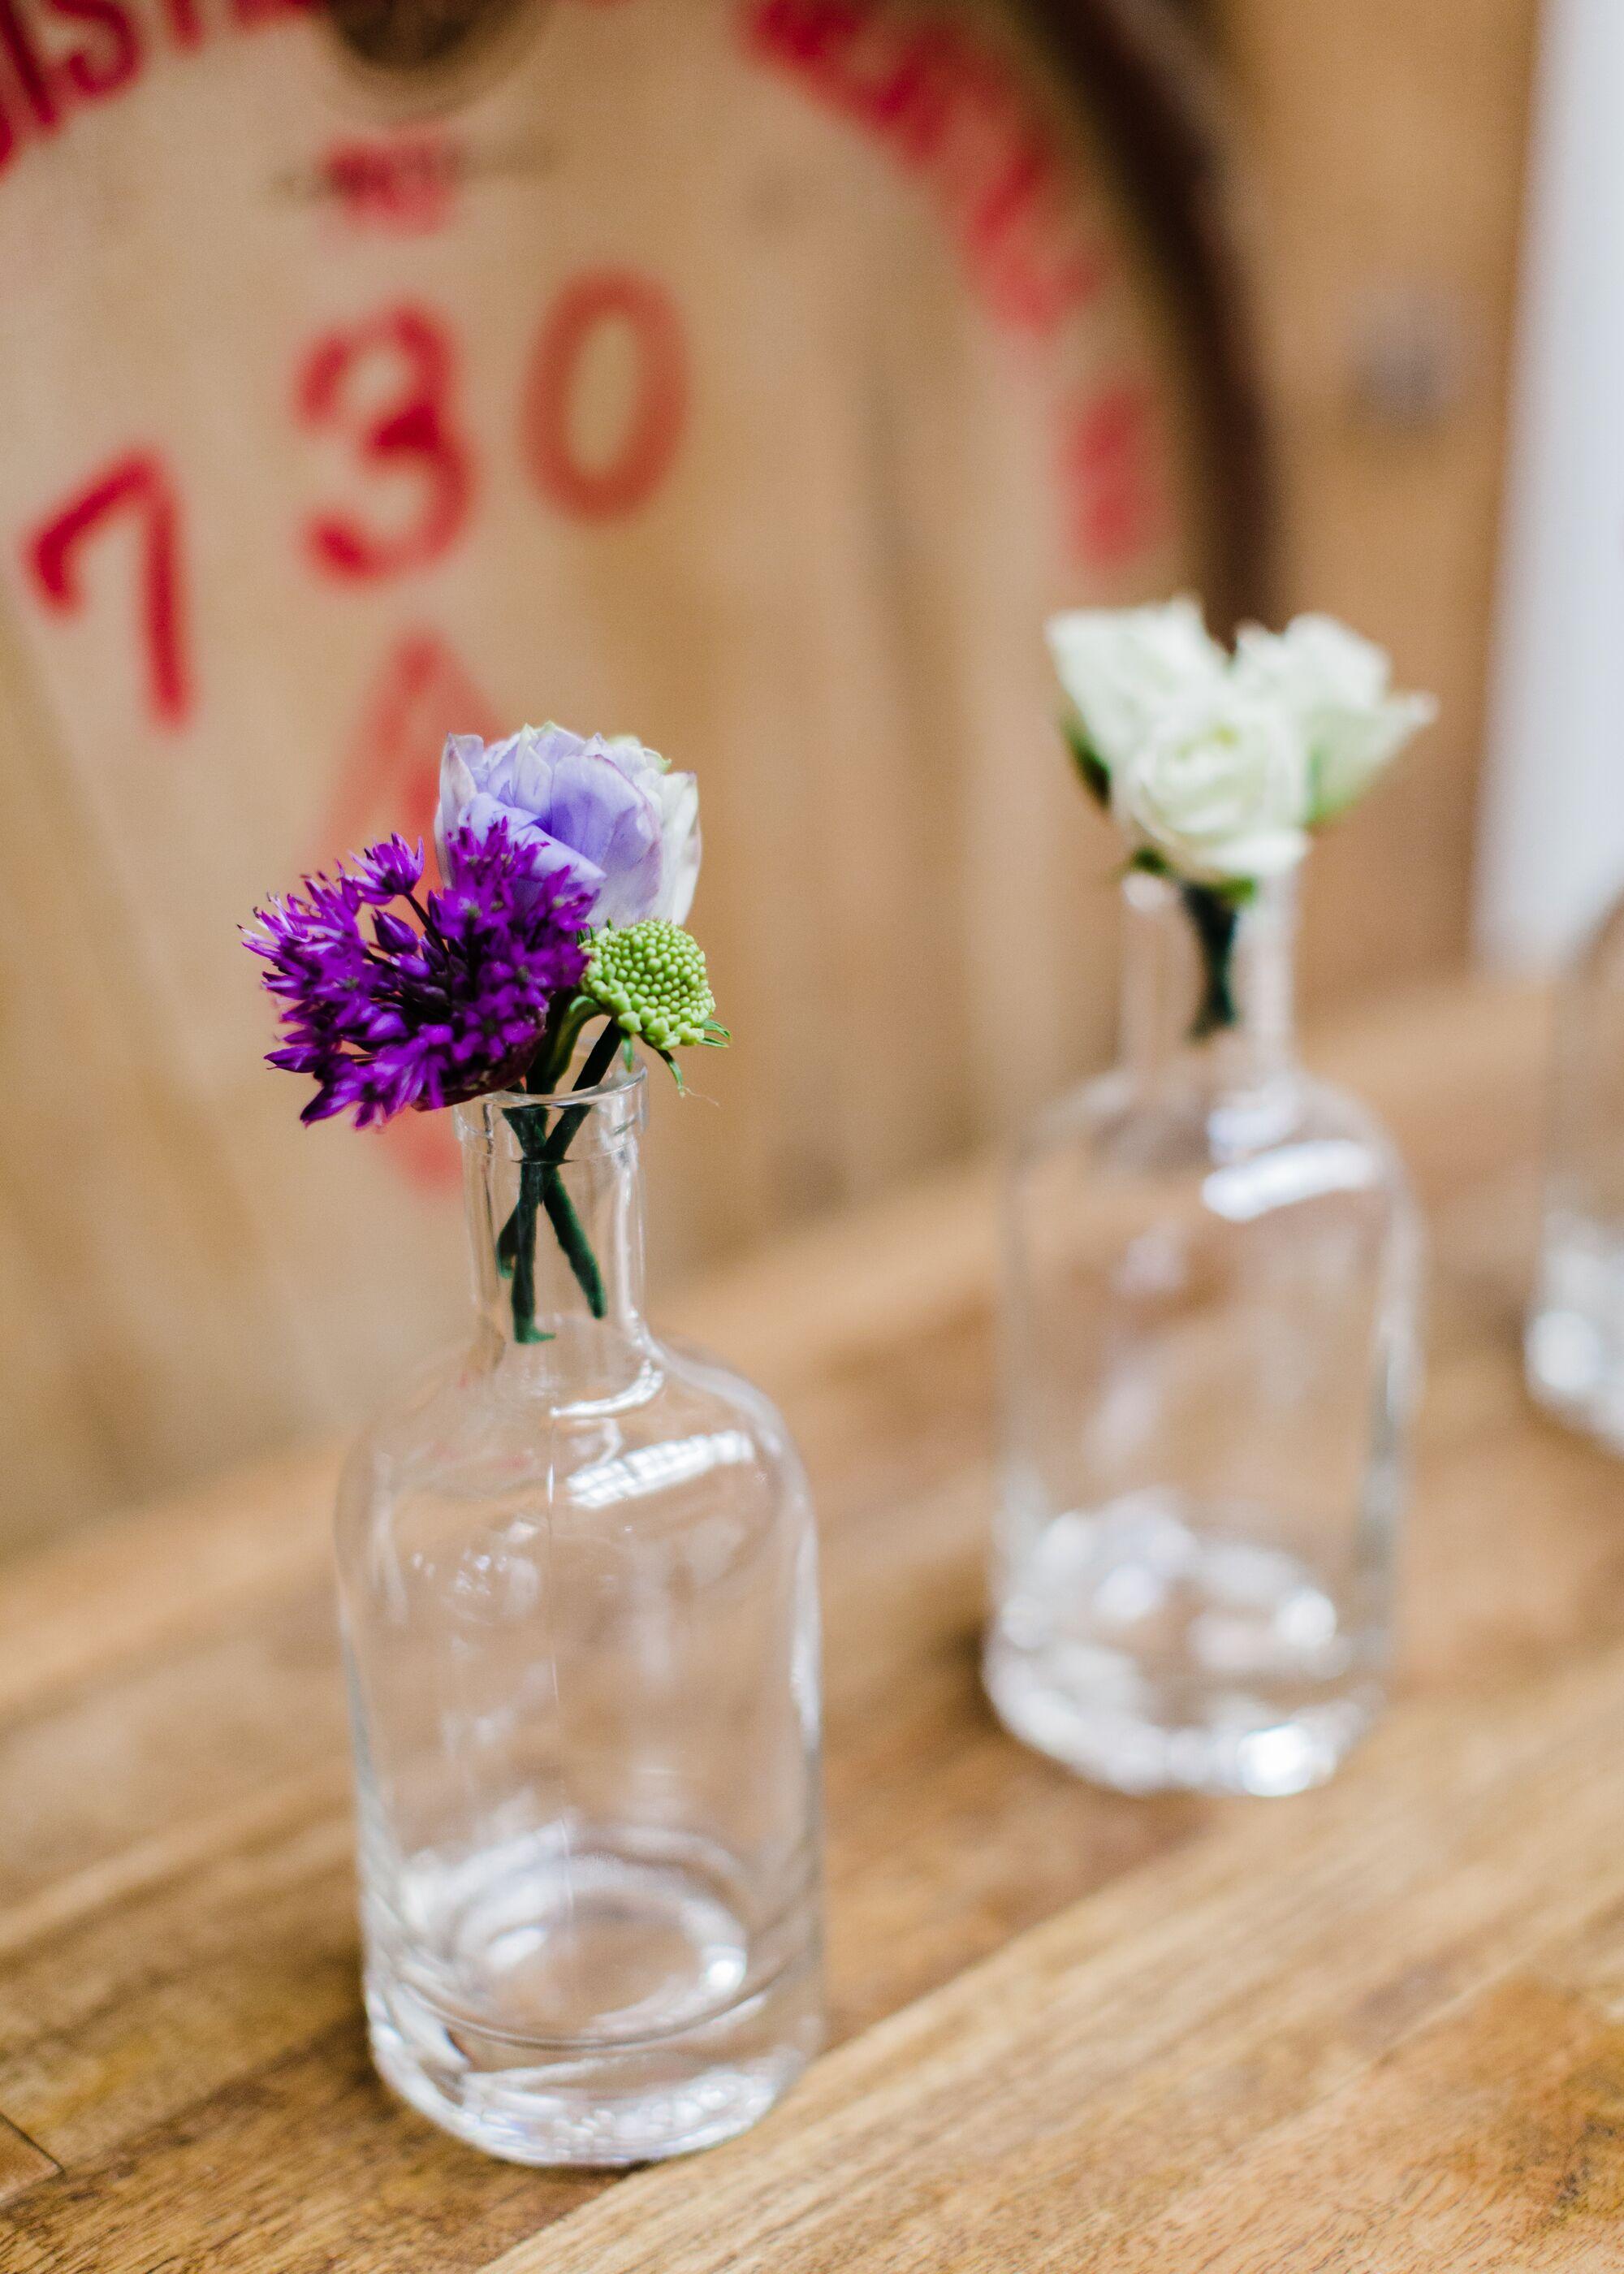 Purple ombré bud vase centerpieces